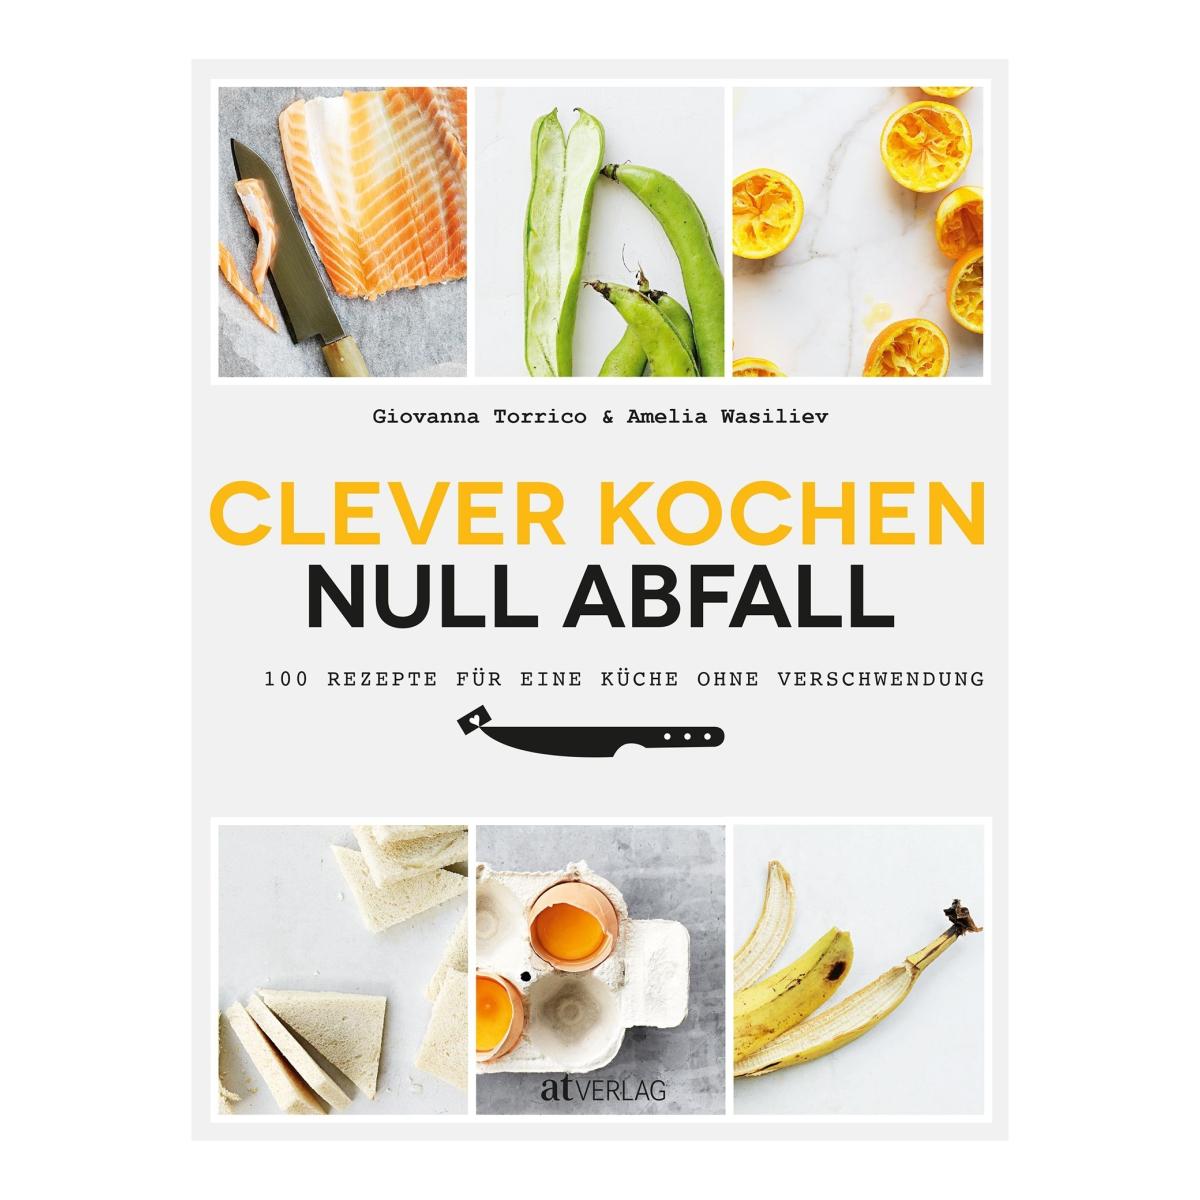 Clever Kochen Null Abfall Kochbuch